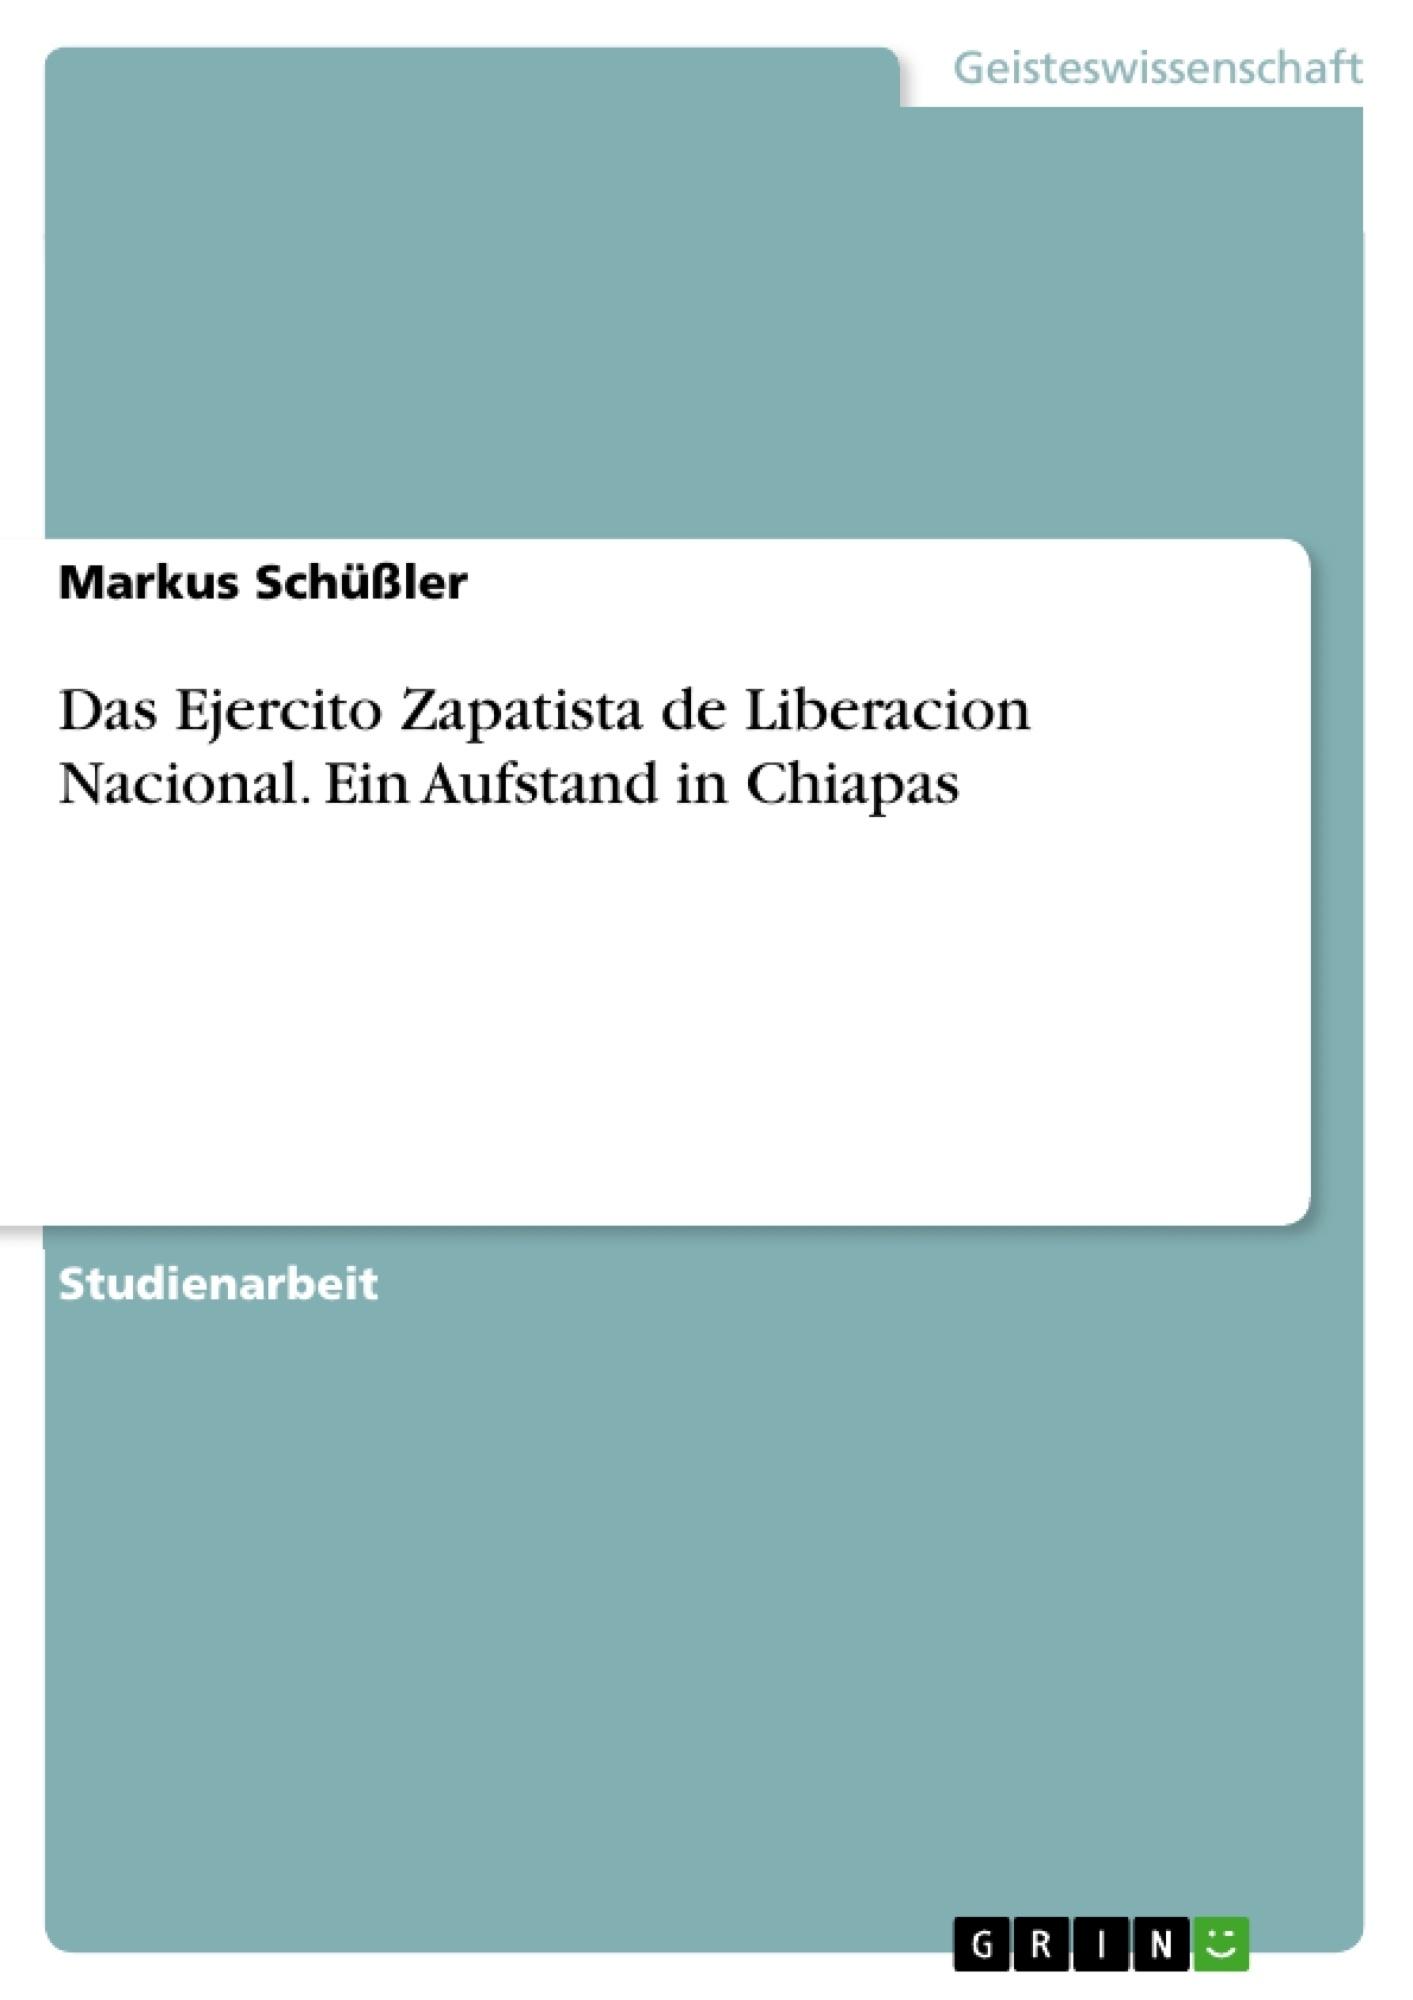 Titel: Das Ejercito Zapatista de Liberacion Nacional. Ein Aufstand in Chiapas